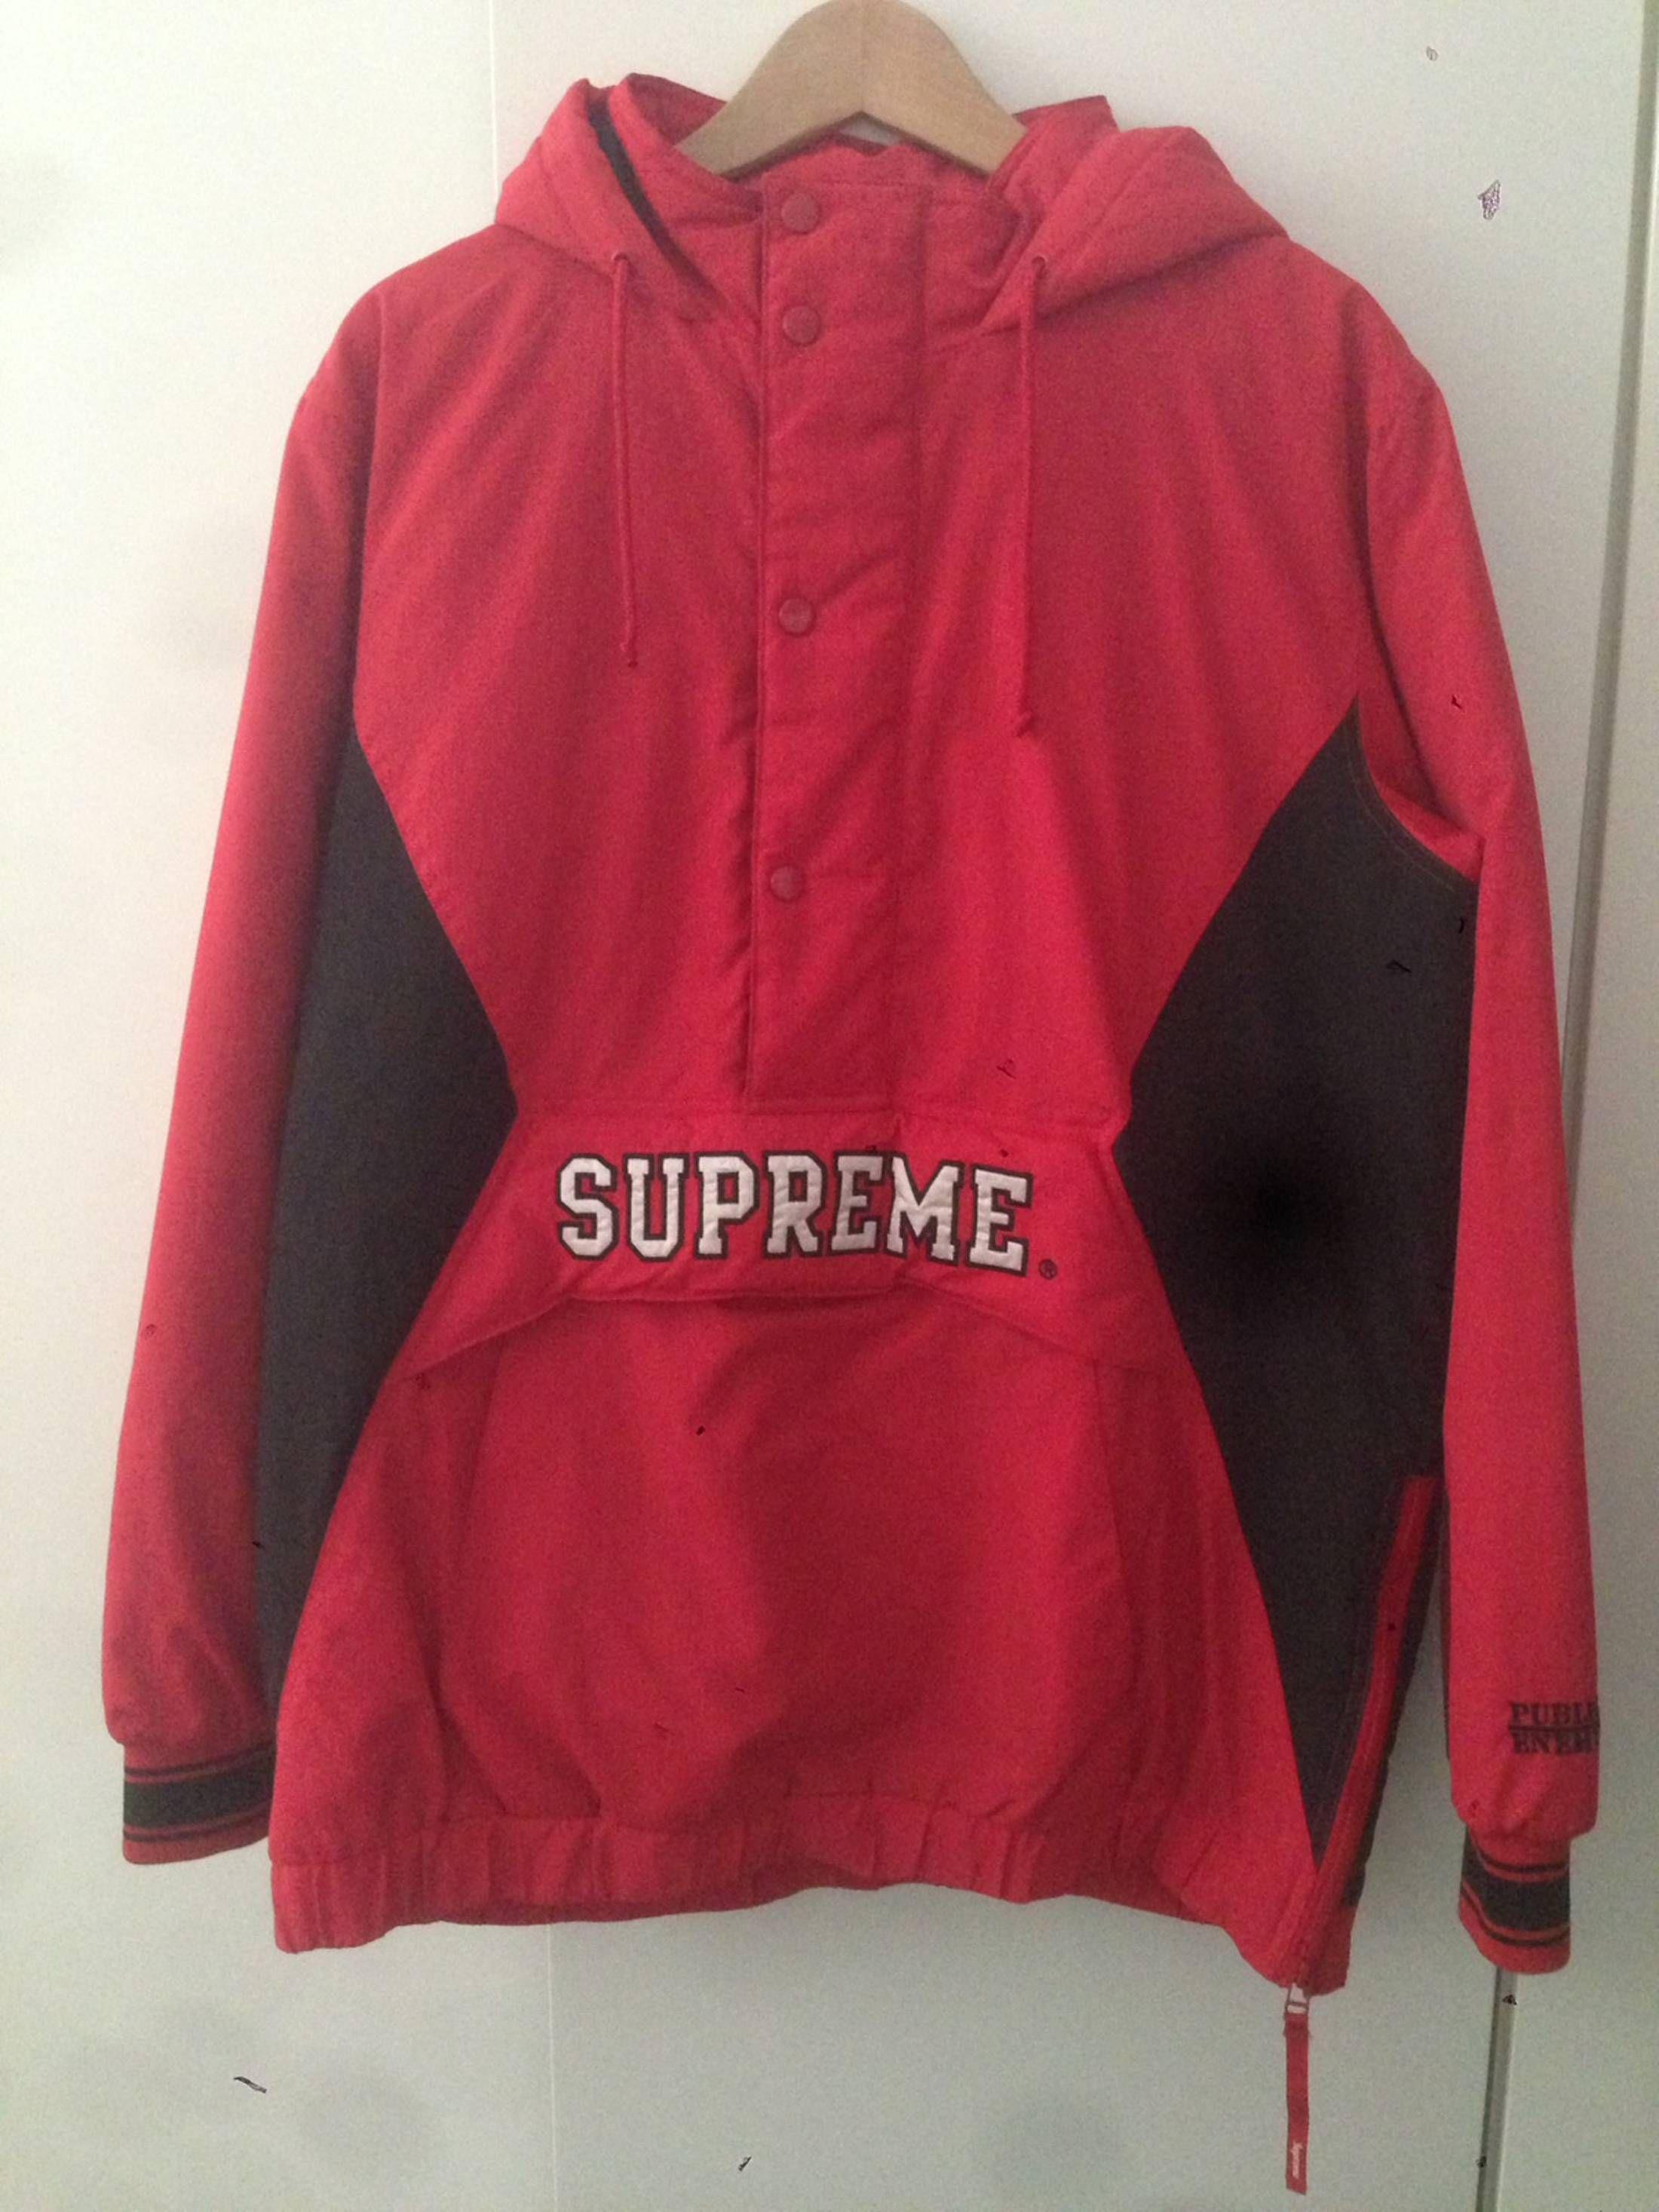 8f4579a1e394 Supreme Supreme PUBLIC ENEMY Starter Jacket Size US XL / EU 56 / 4